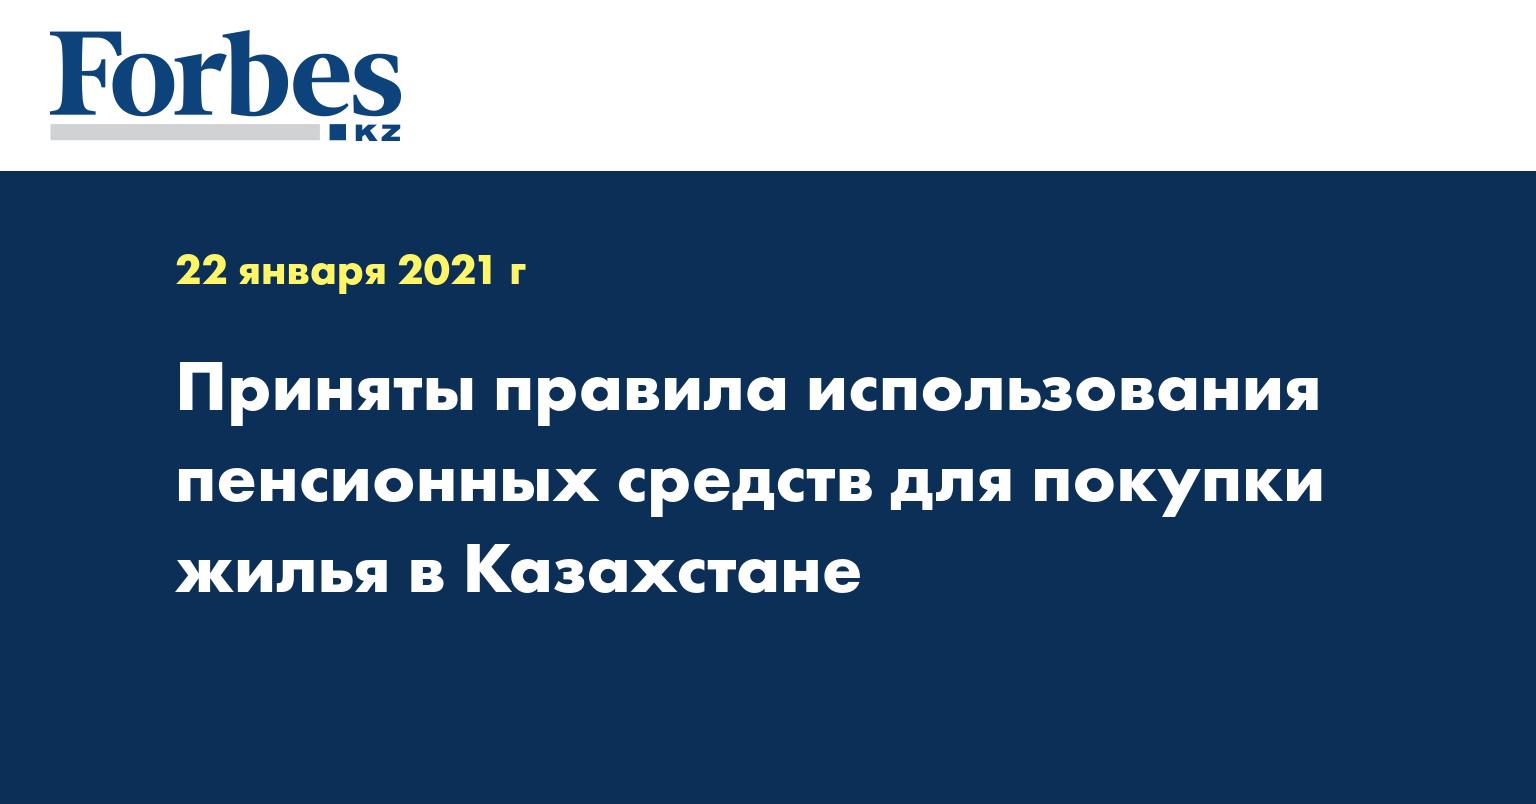 Приняты правила использования пенсионных средств для покупки жилья в Казахстане